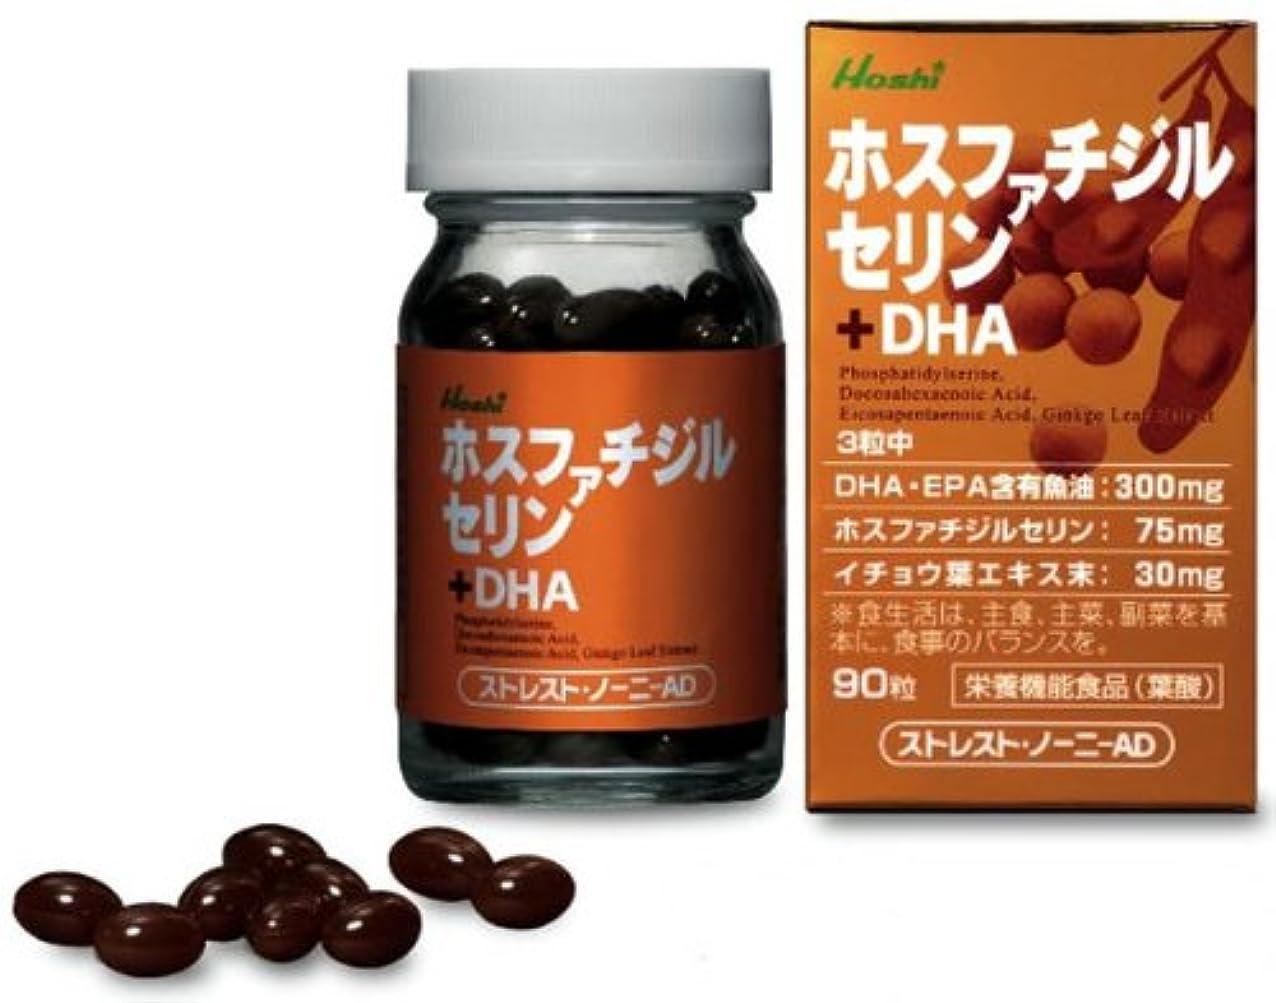 禁止する気を散らす協力ストレスト?ノーニAD ホスファチジルセリン+オメガ3脂肪酸DHA?EPA 【5個セット】